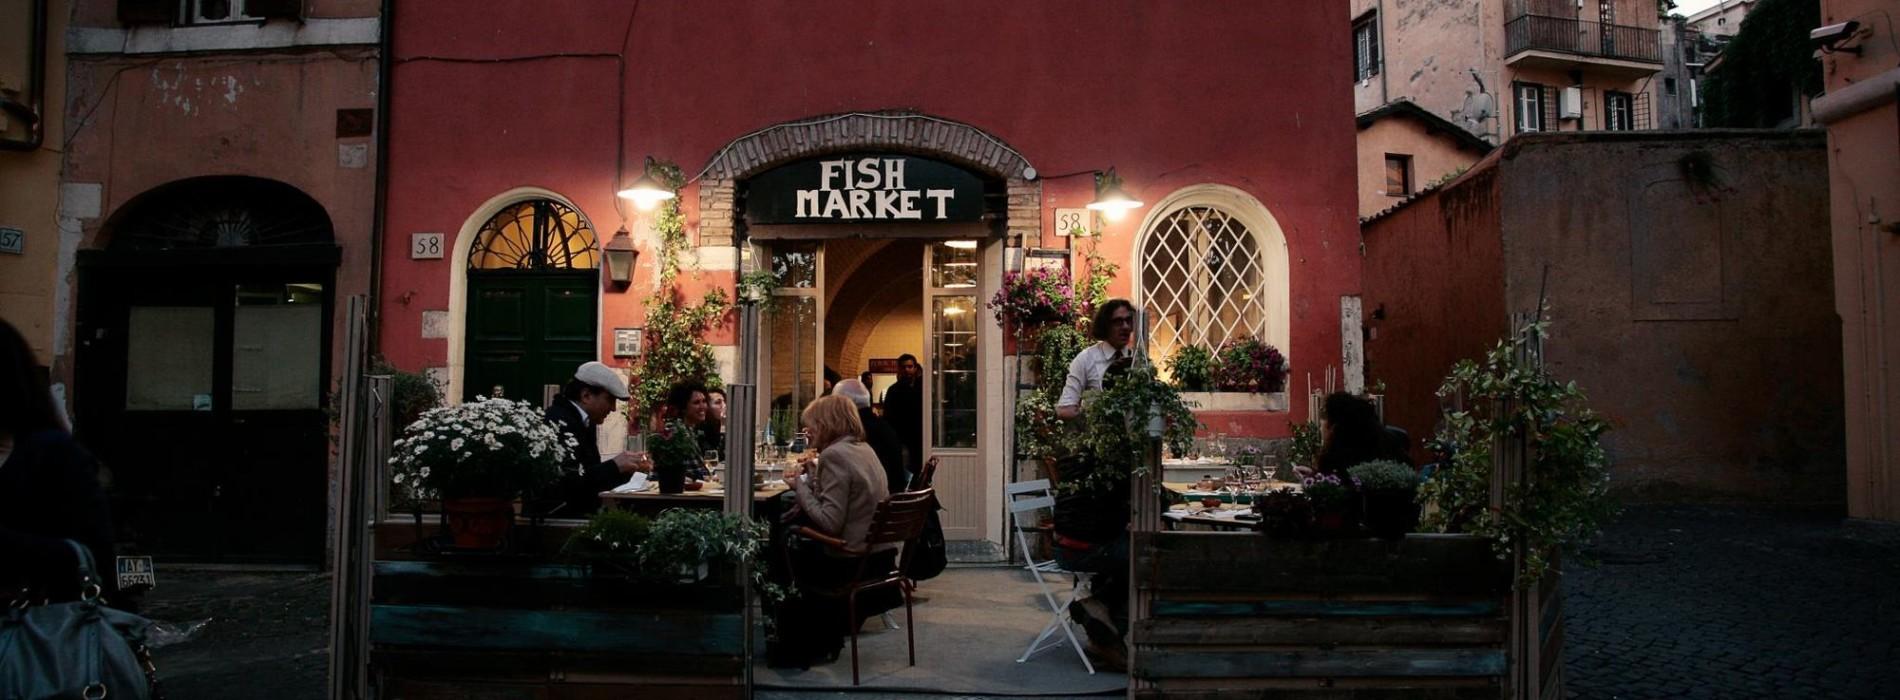 Fish Market, storia di un'assenza